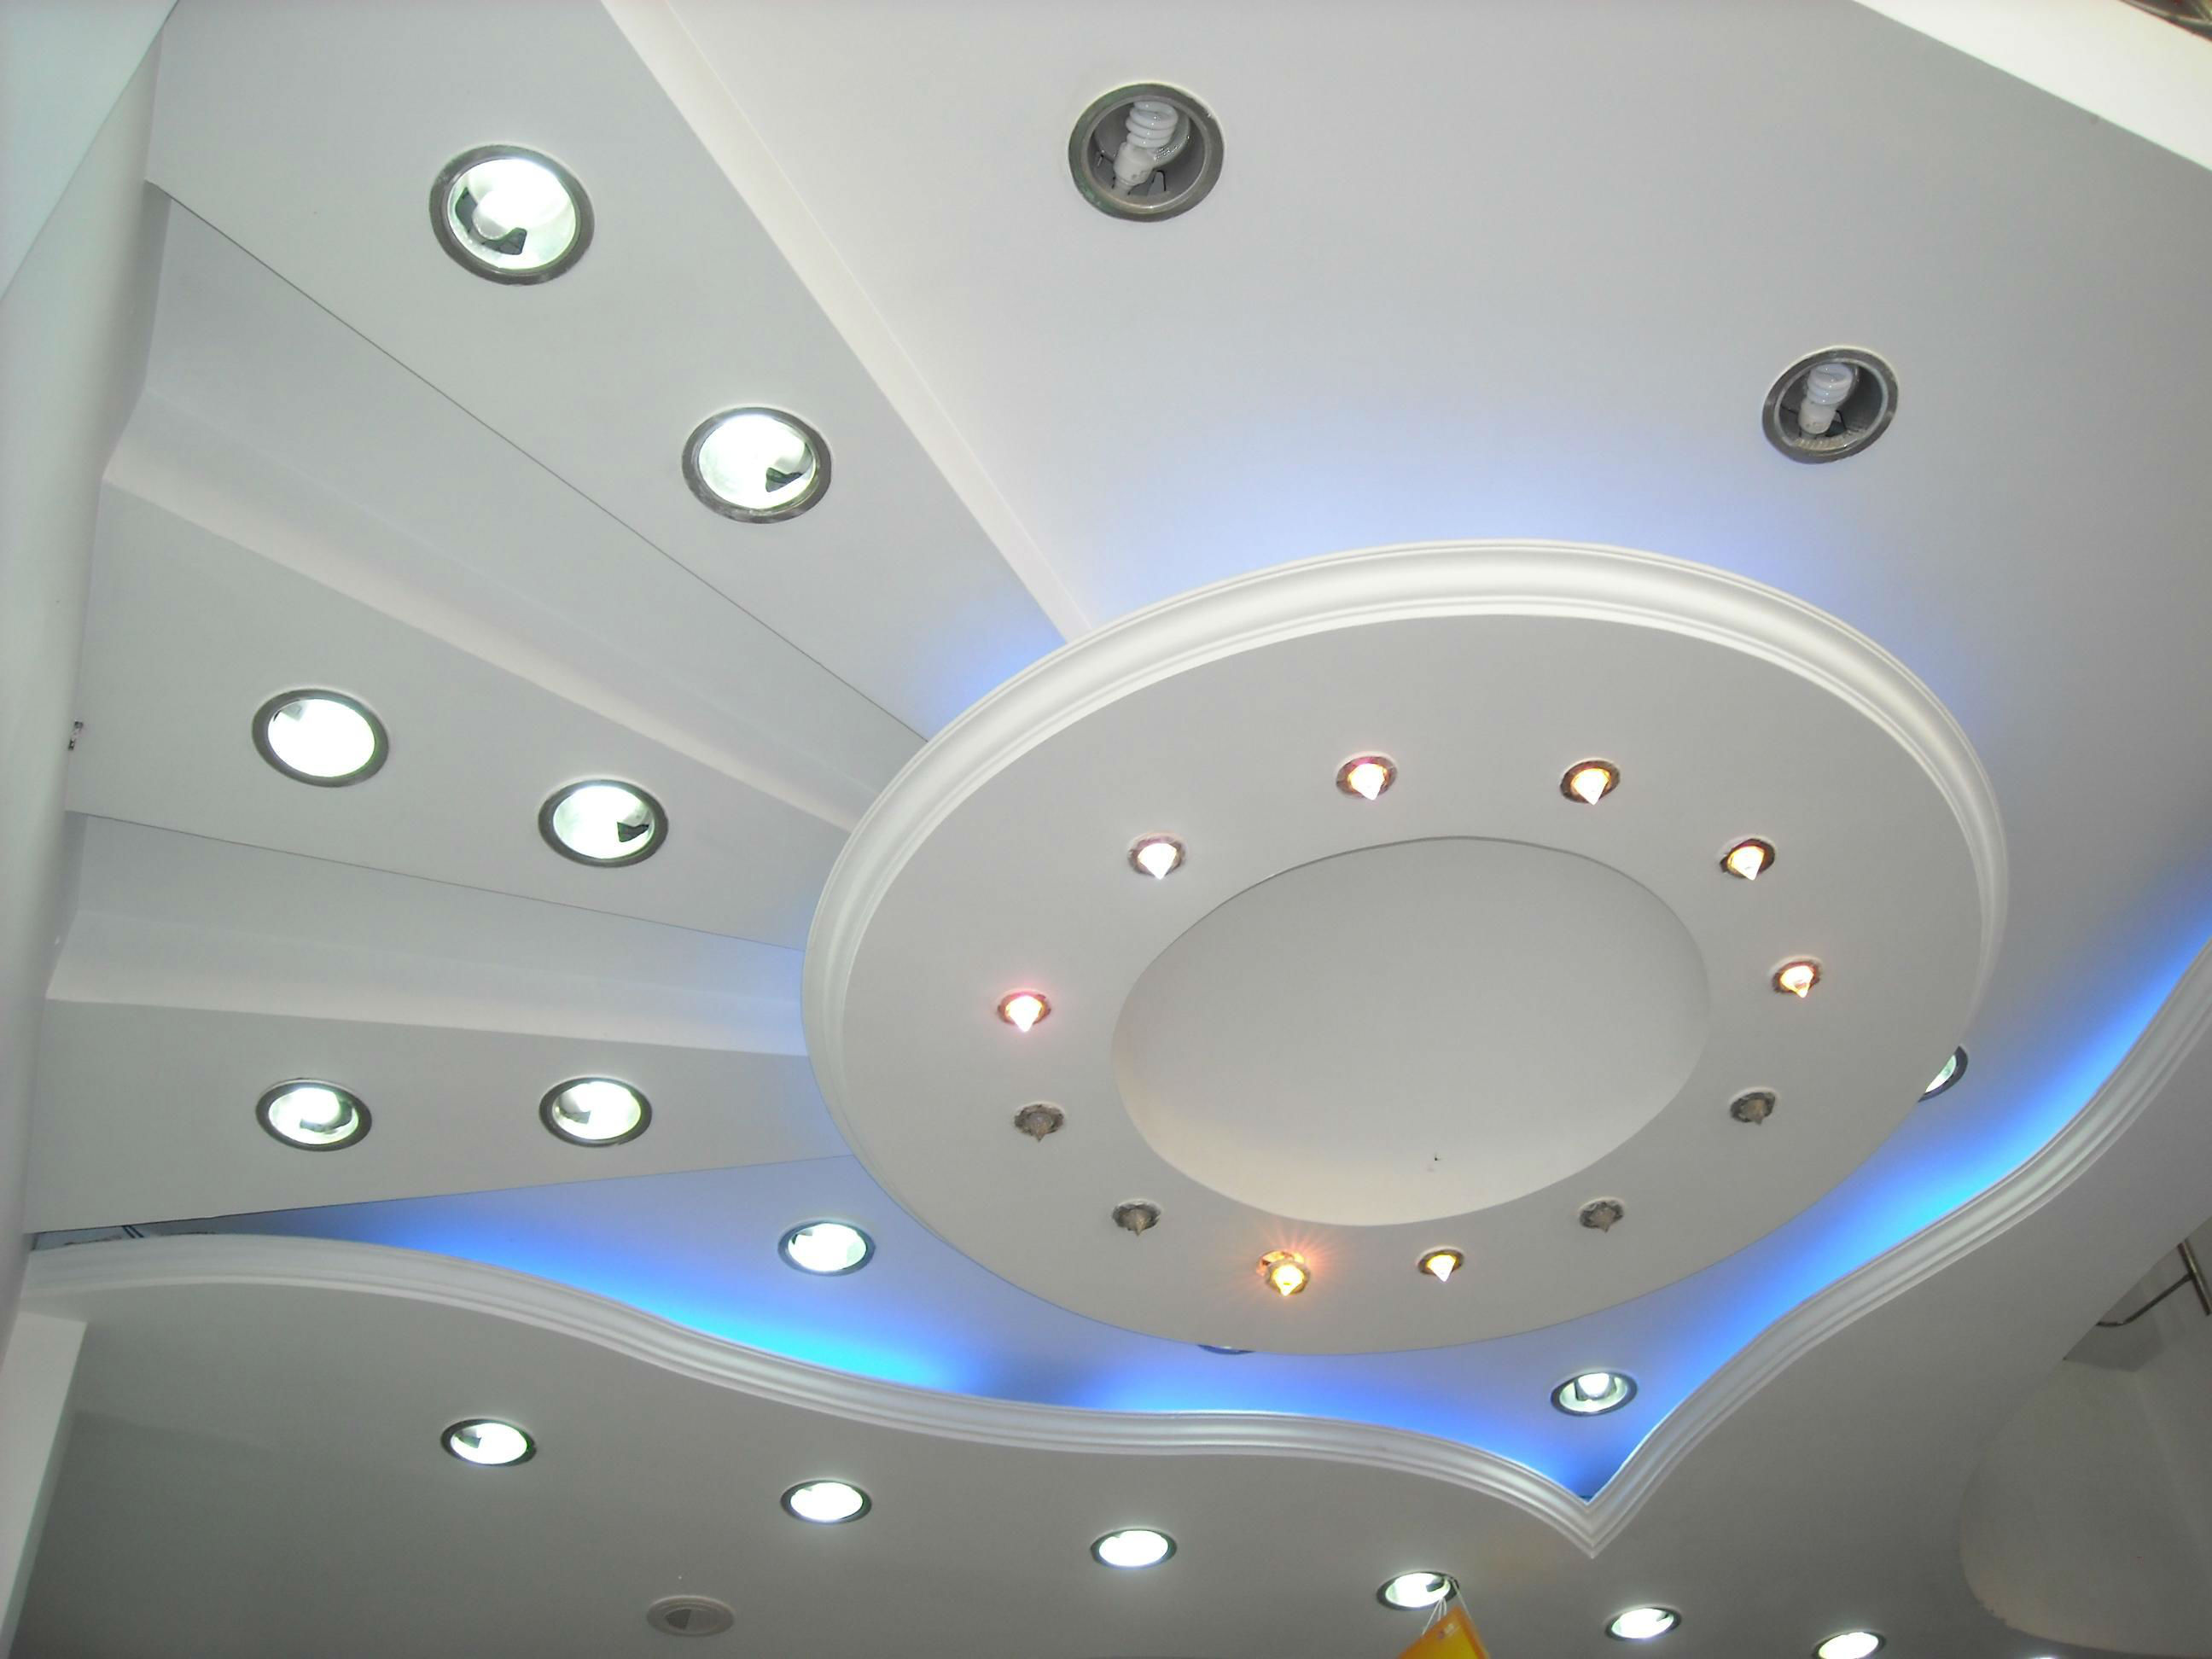 Modern asma tavan modelleri ehil ustalar -  K Ve G Steri Li Salonlar Ya Da Oturma Odalar Yatak Odalar Hayal Ediyorsan Z Siz De Hayalinizdeki Gibi Bir Asma Tavan Yapt Rabilirsiniz